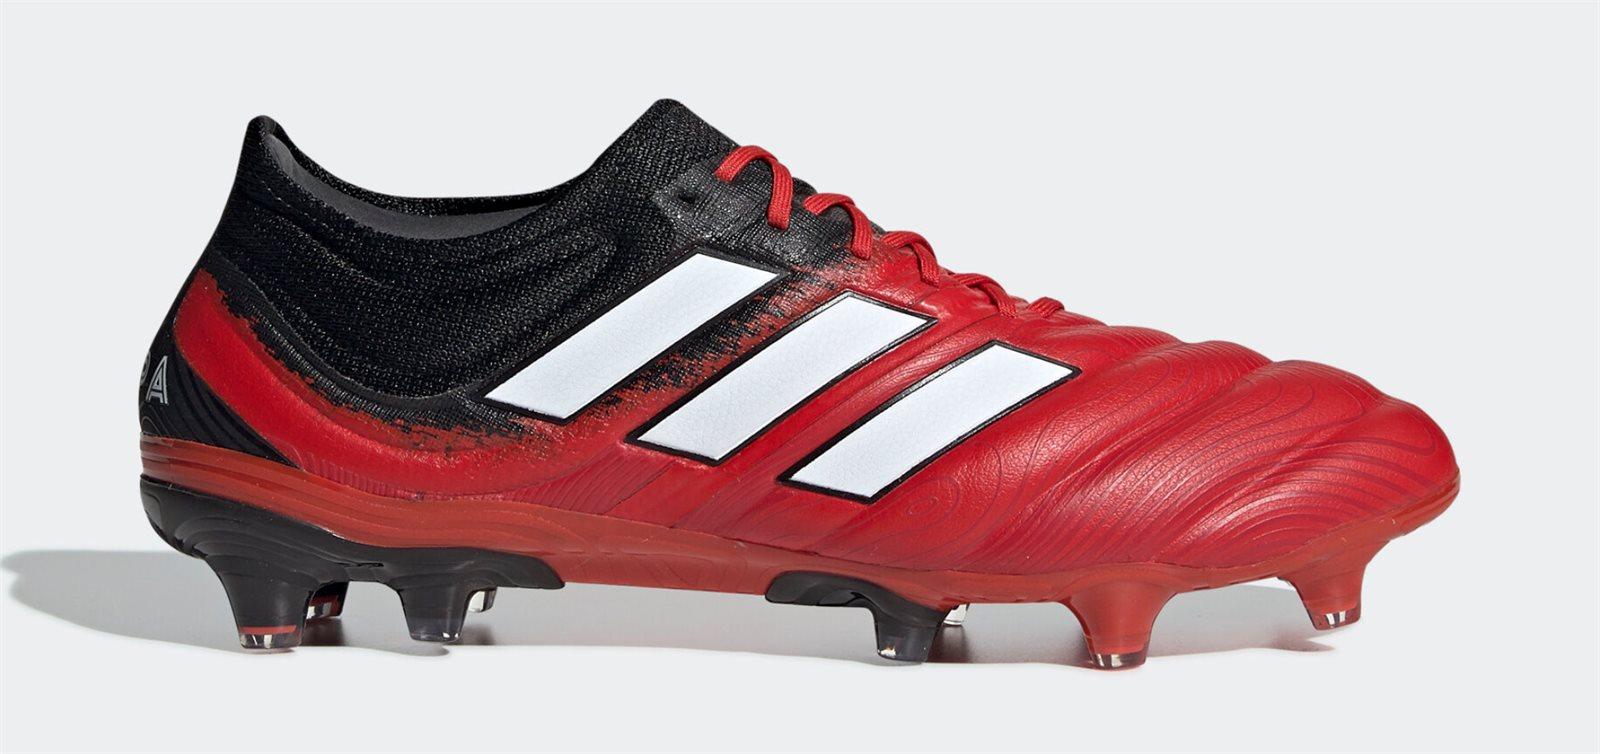 Giay da bong Adidas Copa 20.1